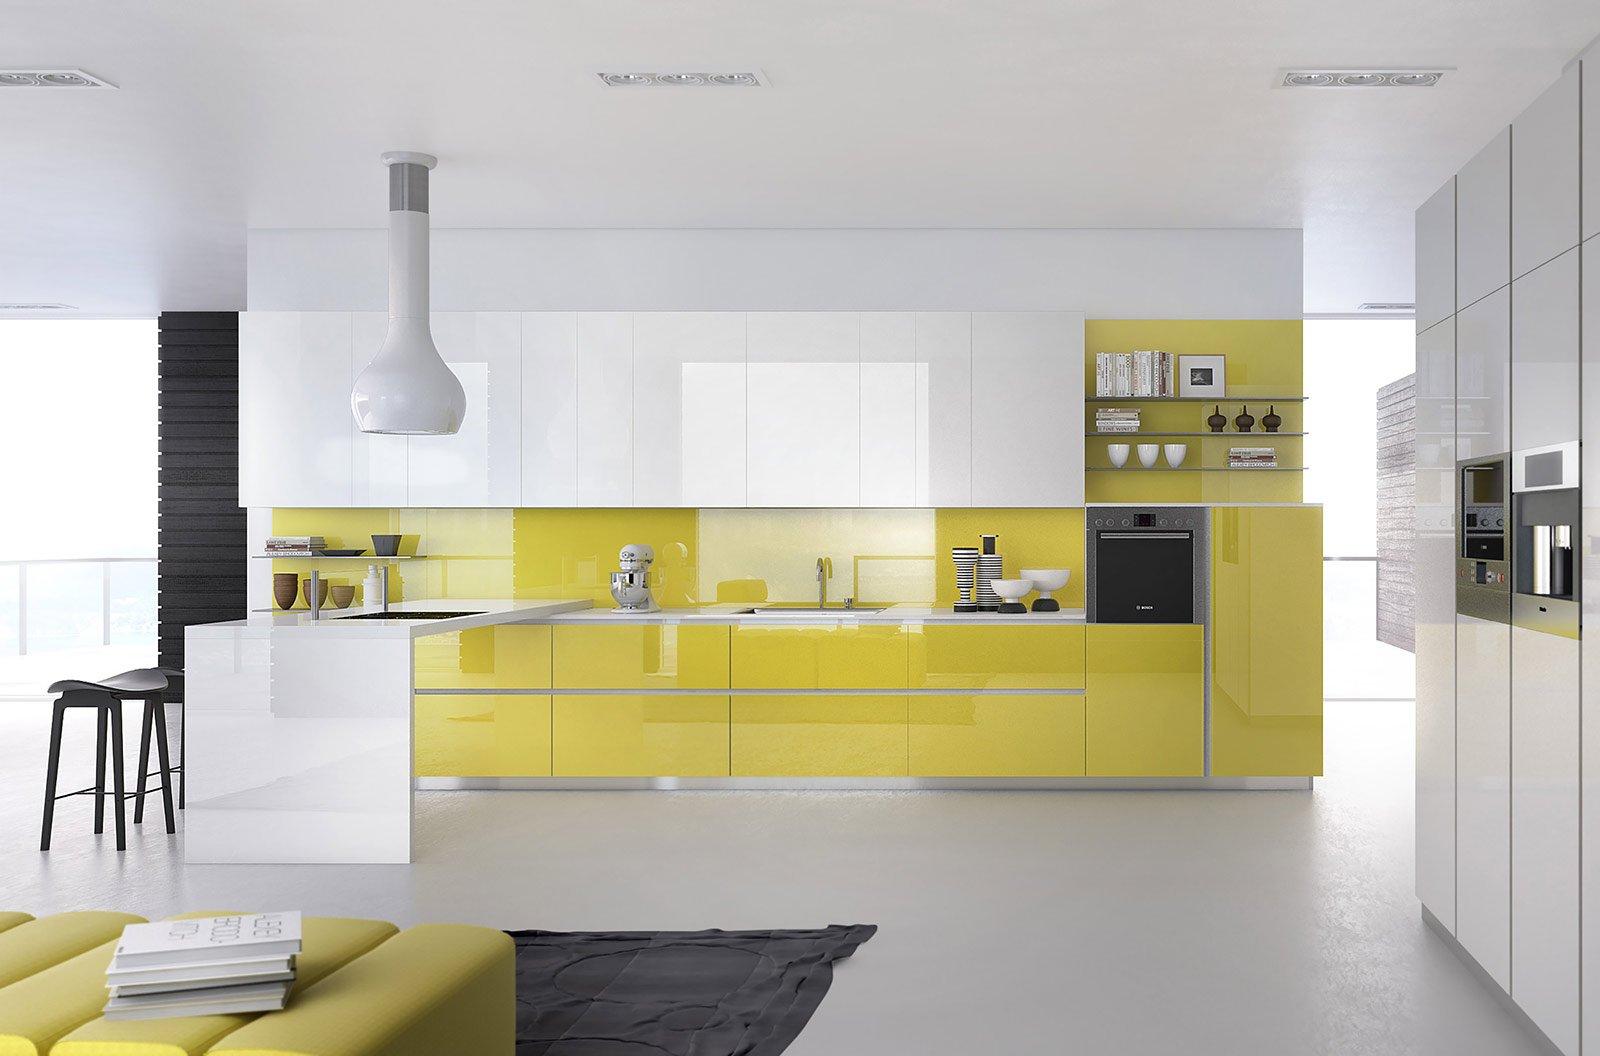 Salone del mobile 2014 mix di materiali per le nuove cucine cose di casa - In cucina con pippo de agostini ...